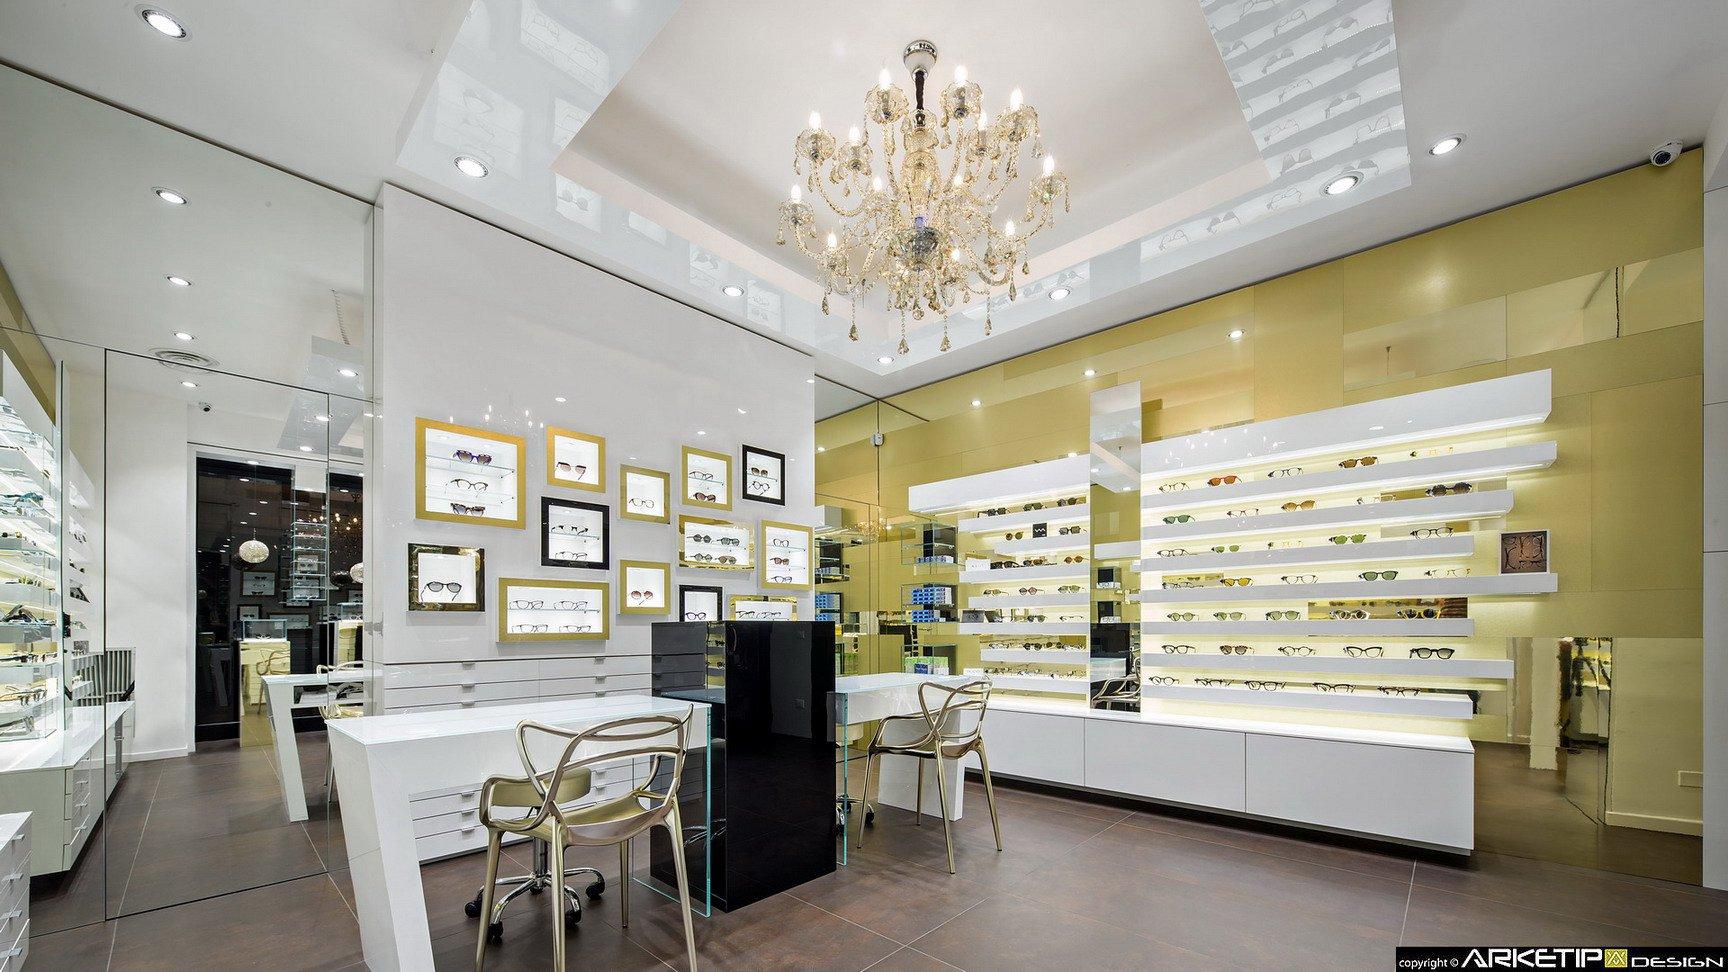 Arredamento ottica locchiale negozio ottica monza for Negozi design